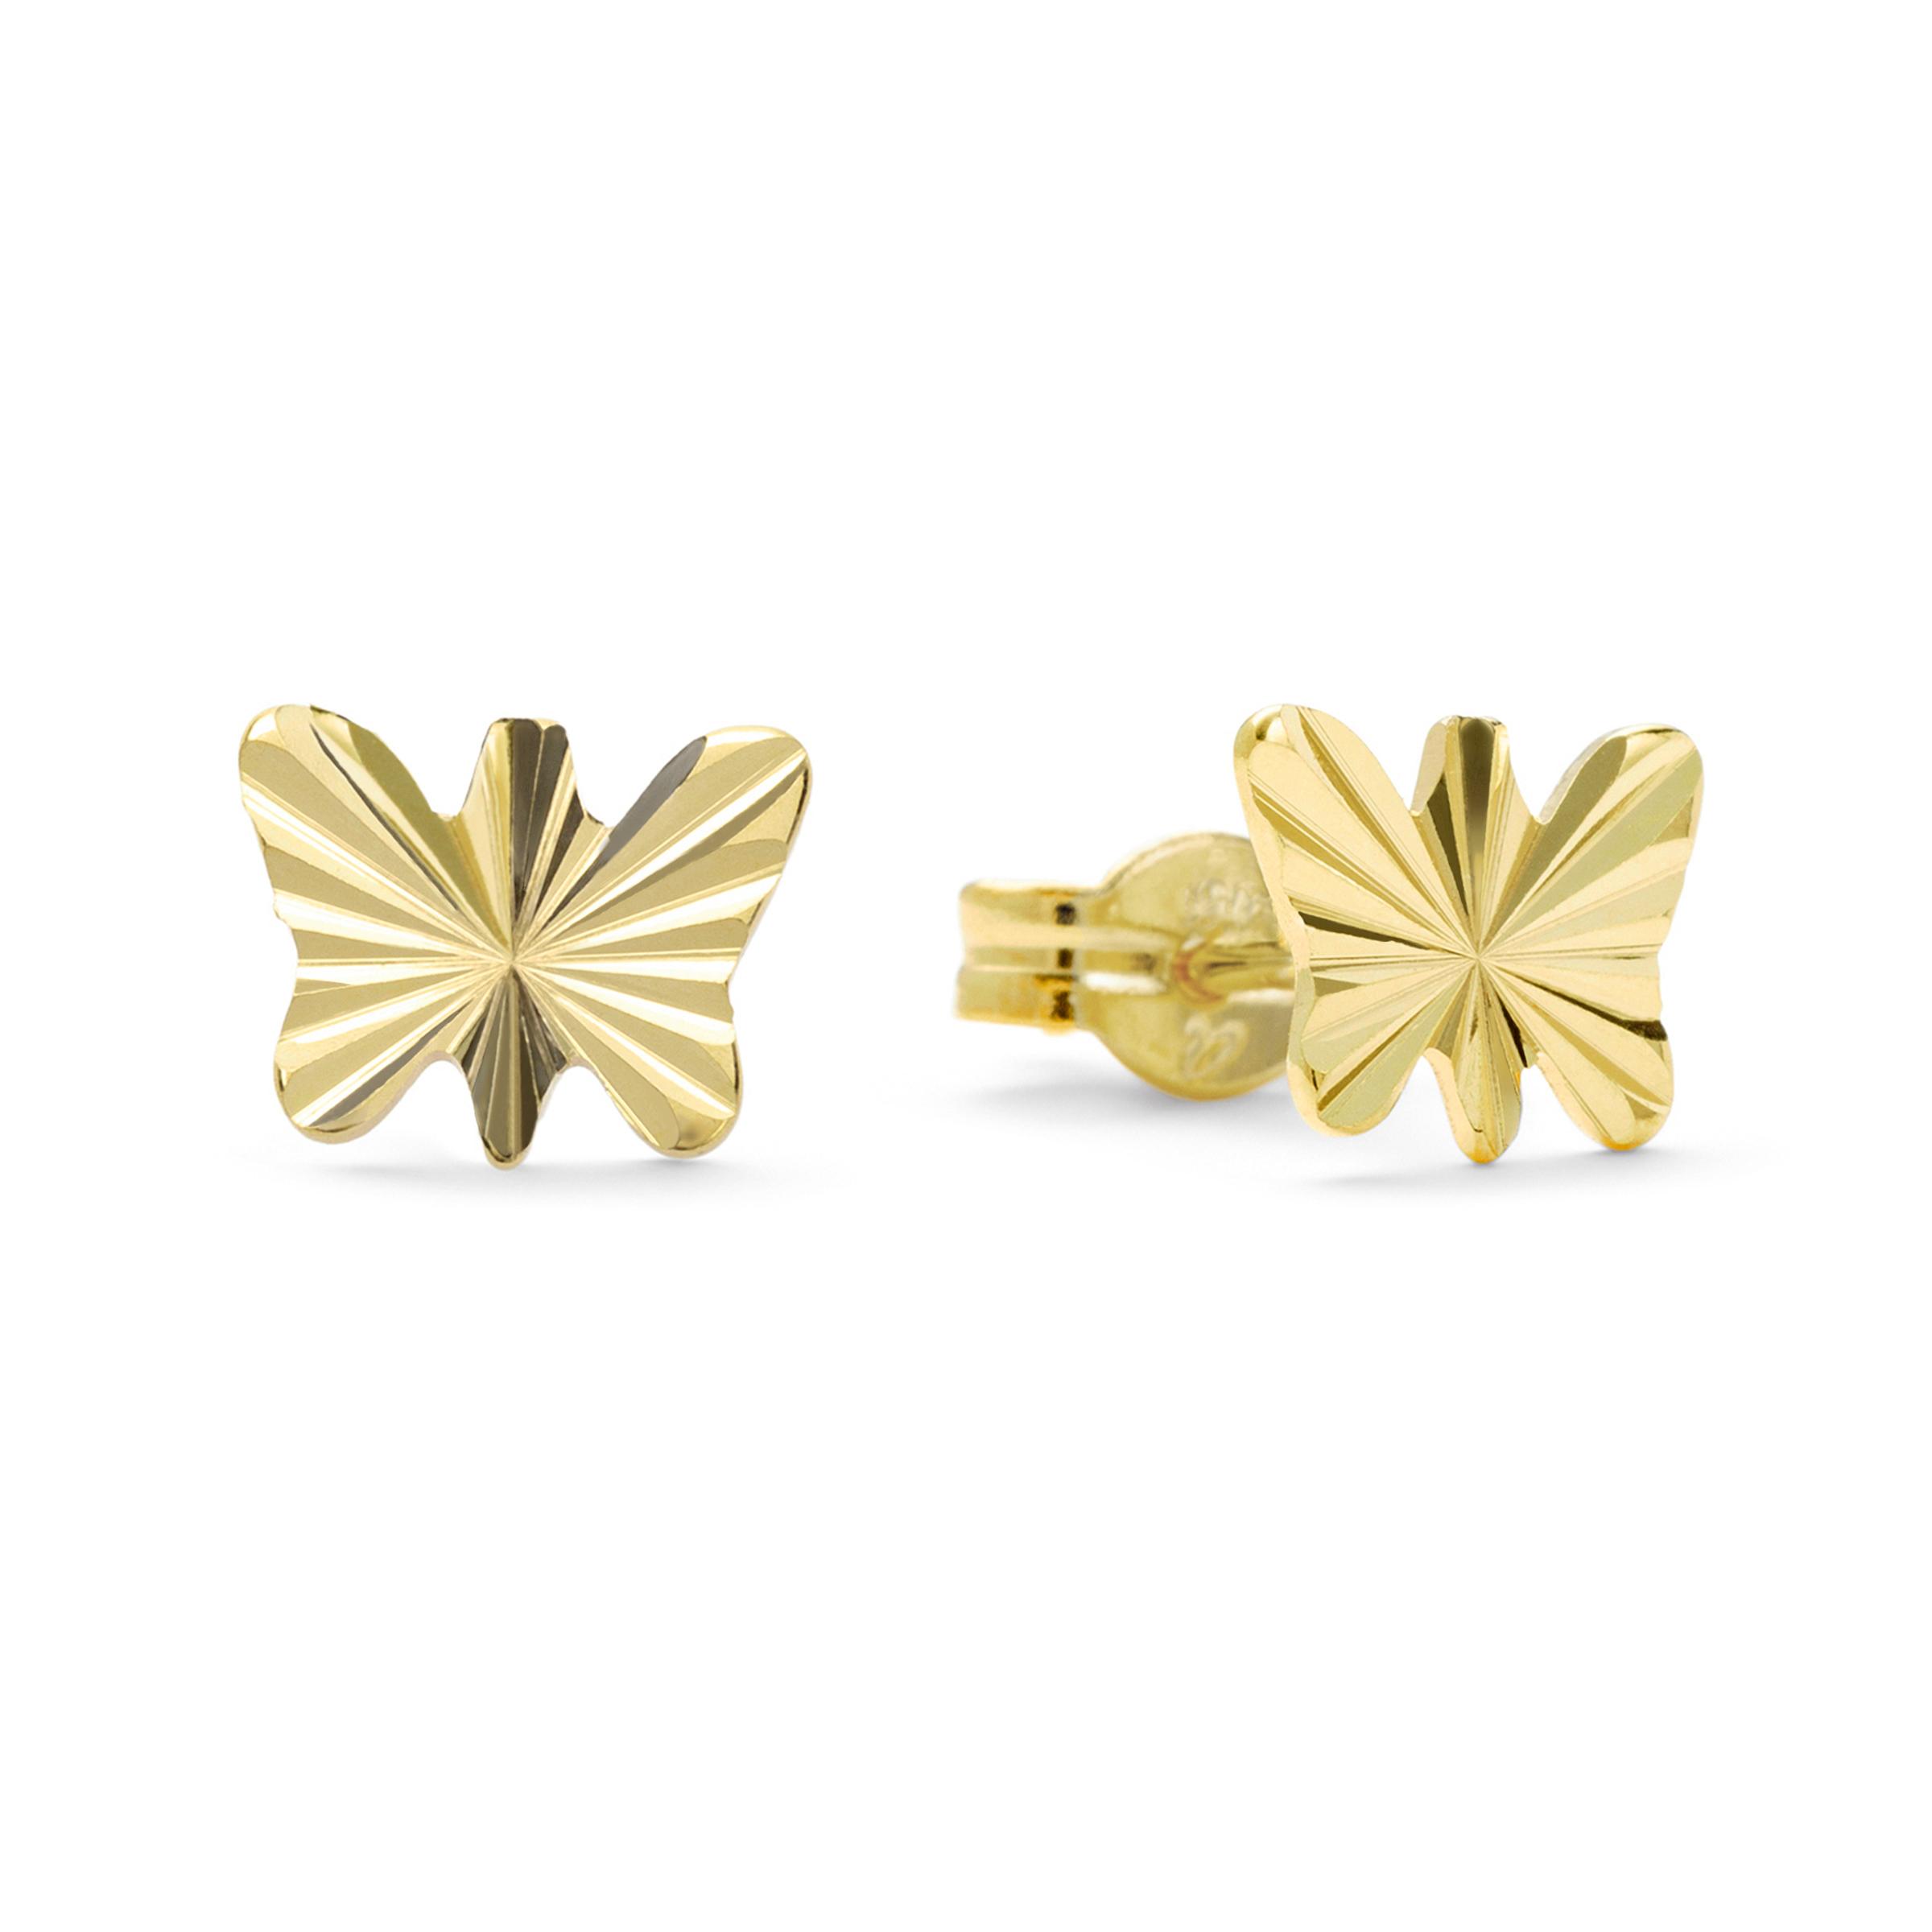 Ohrstecker für Mädchen, Gold 375, Schmetterling